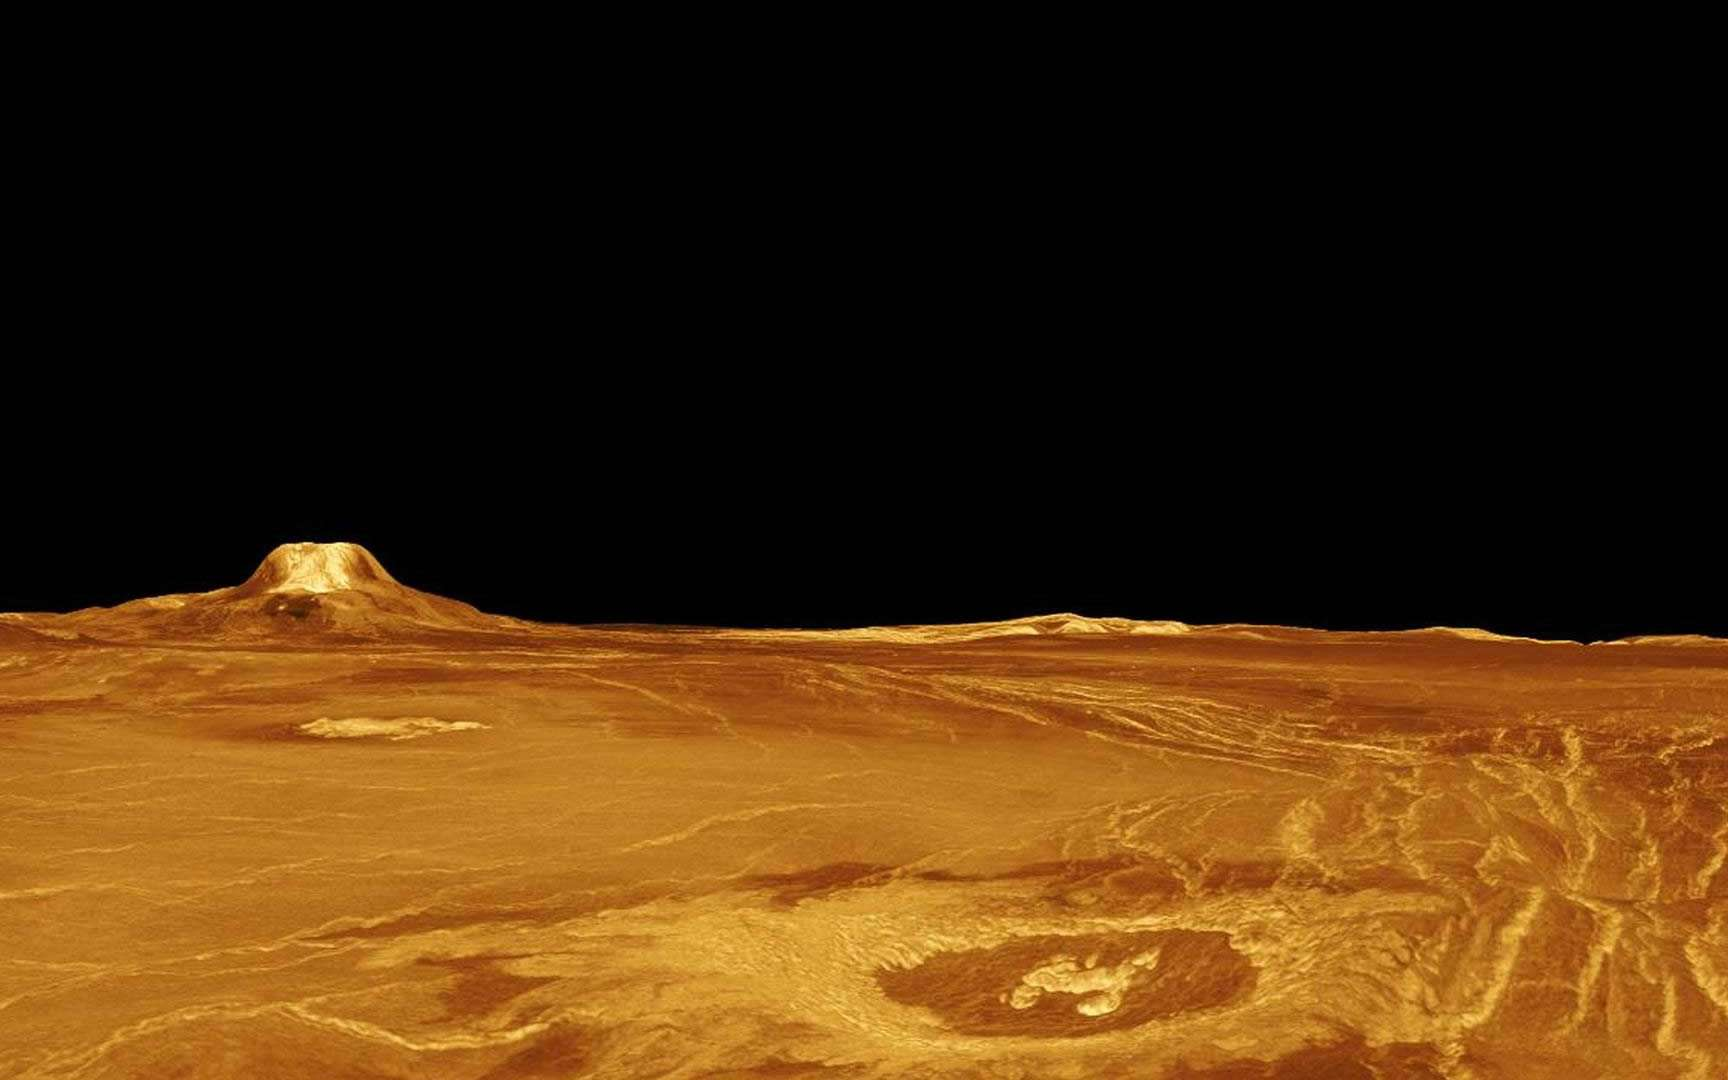 Les ordinateurs seront-ils bientôt capables de survivre aux conditions extrêmes de Vénus ? Ici, des images de la surface de cette planète reconstituées à l'ordinateur à partir des données radar de la sonde Magellan. © Nasa